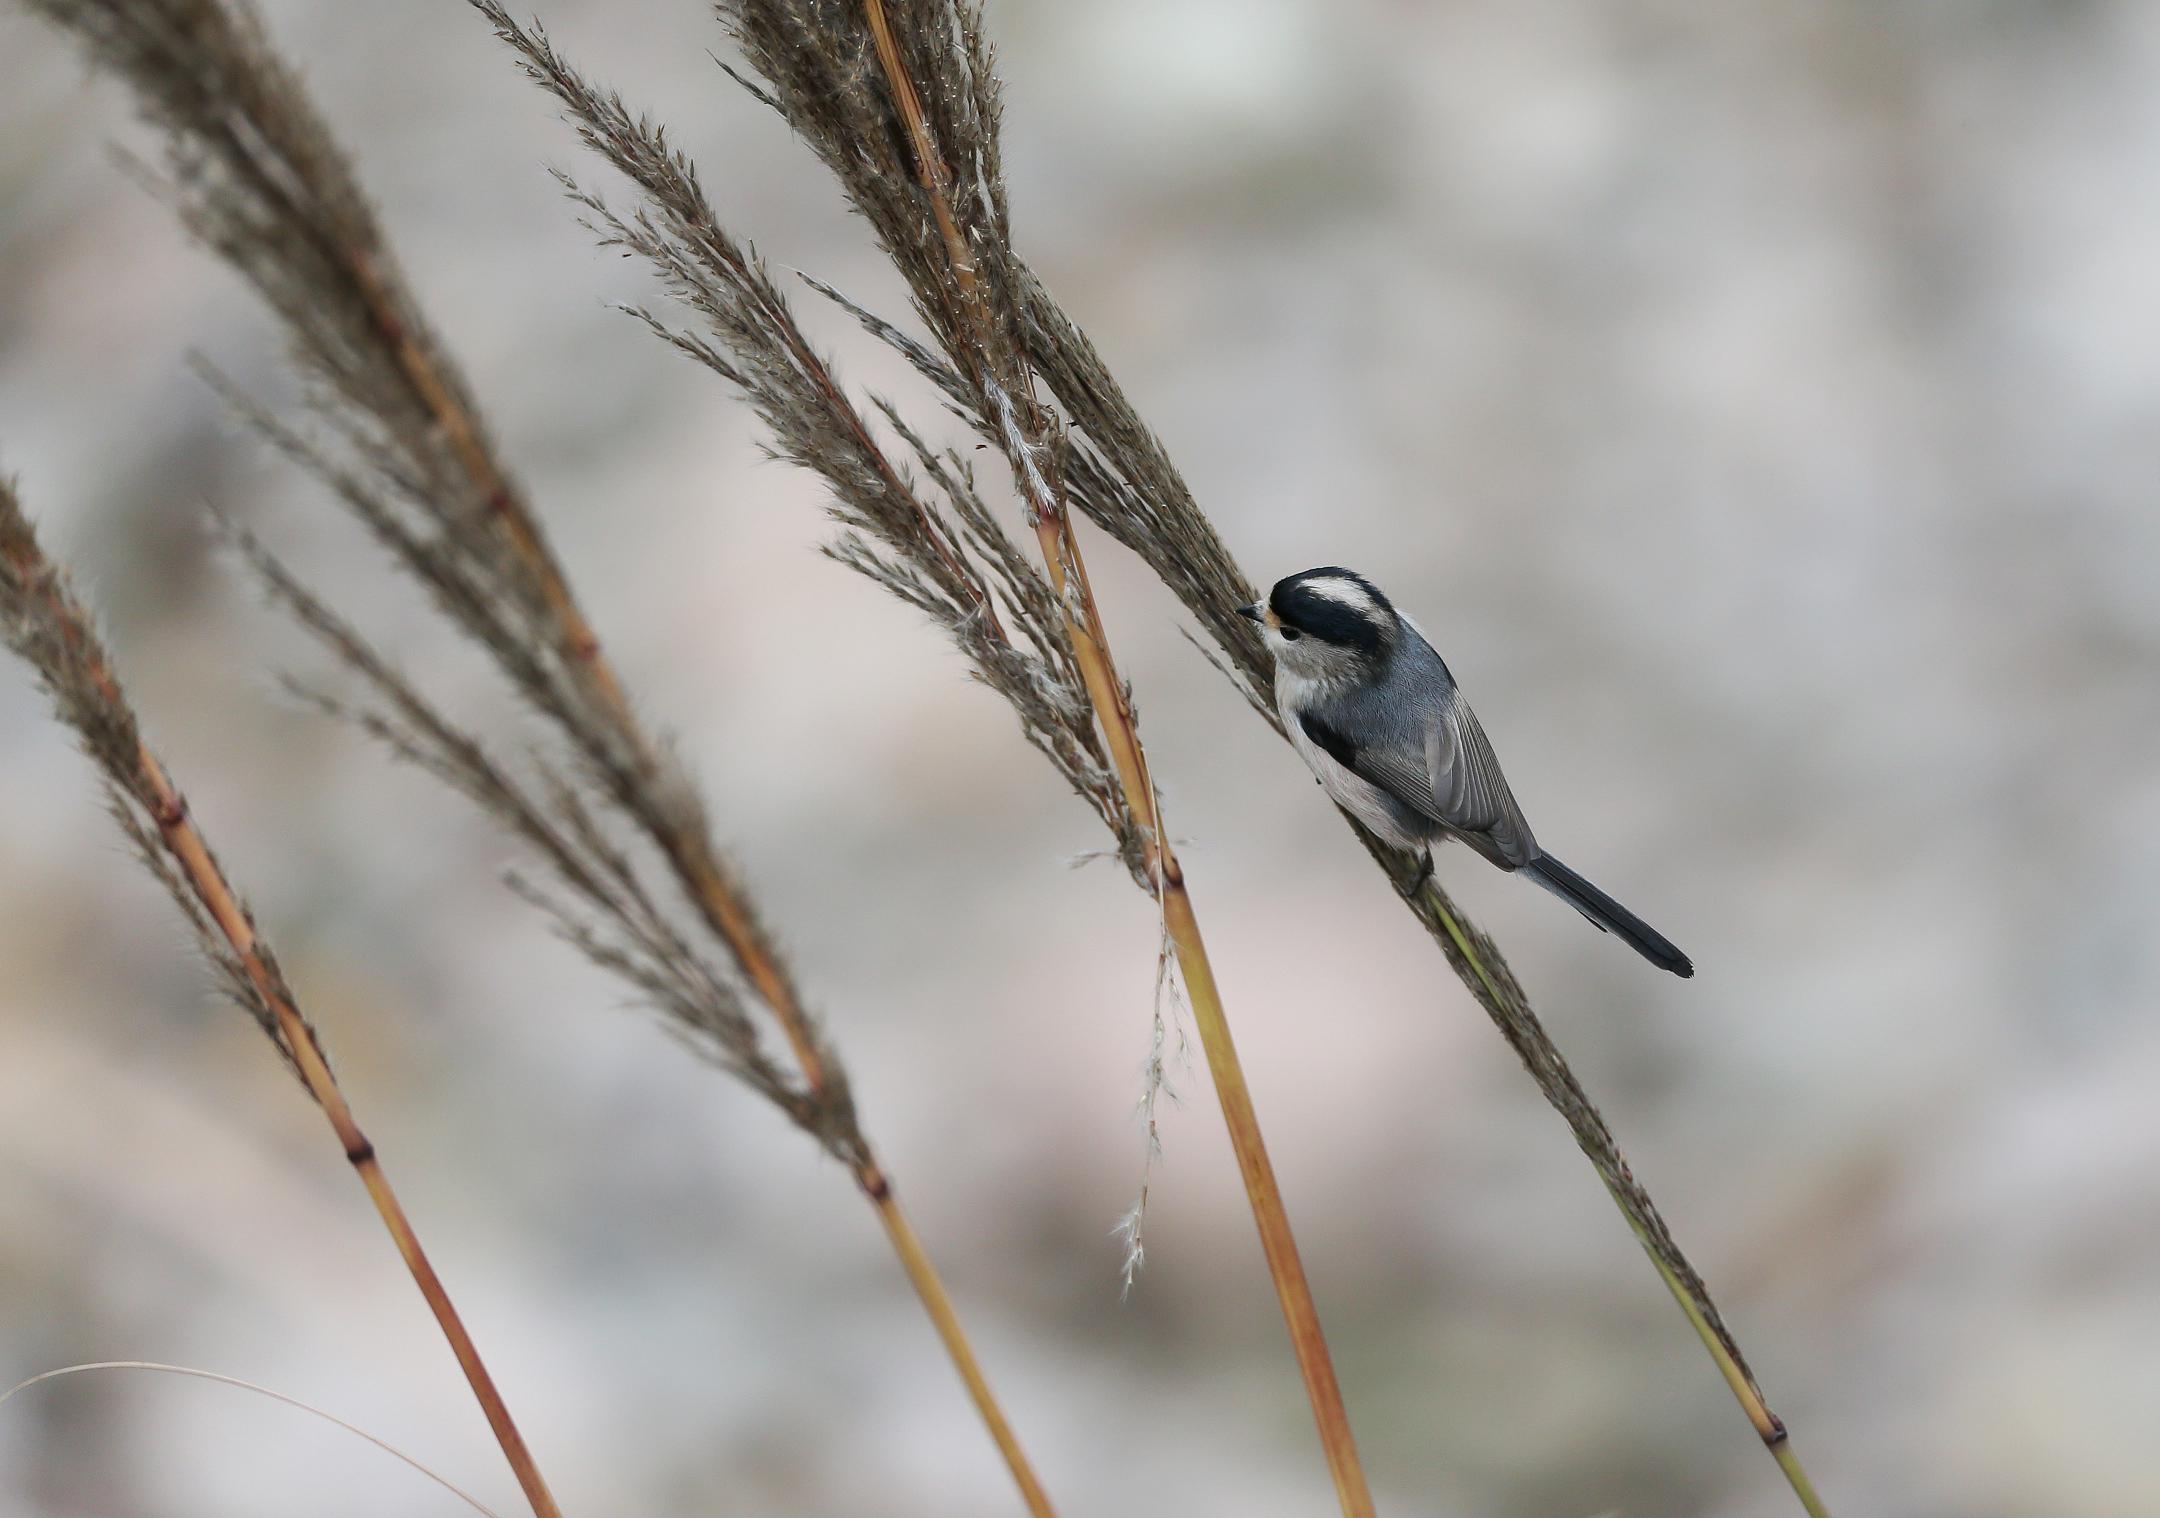 [随手拍] 可爱的小鸟(组照)[复制链接]